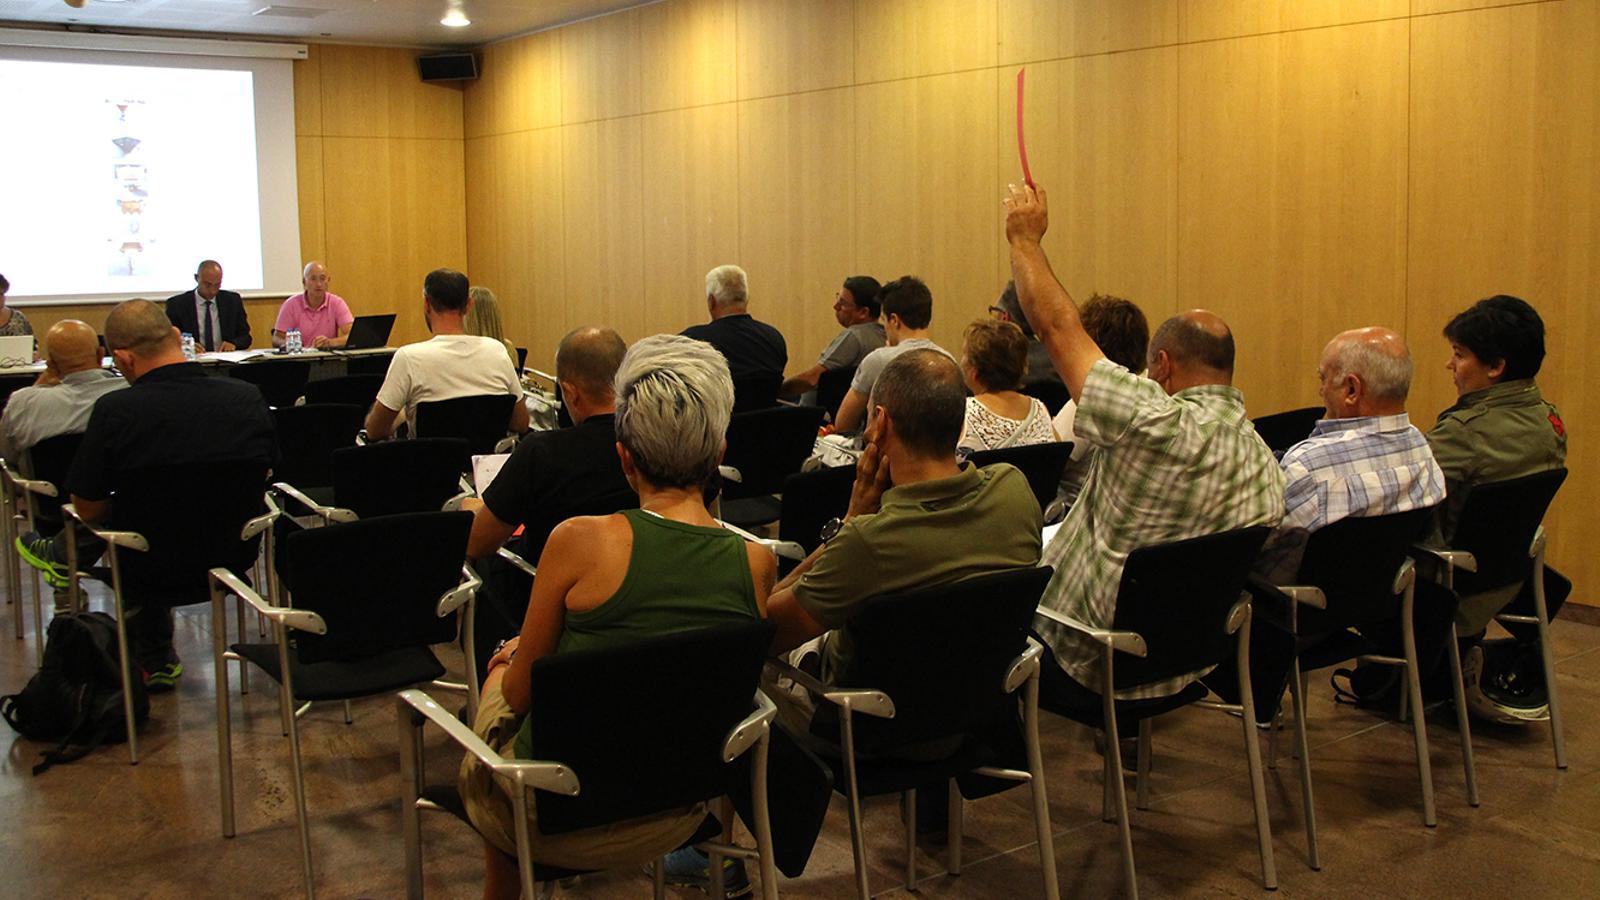 Un moment de la subhasta que s'ha fet al Centre de Congressos d'Andorra la Vella. / M. F. (ANA)